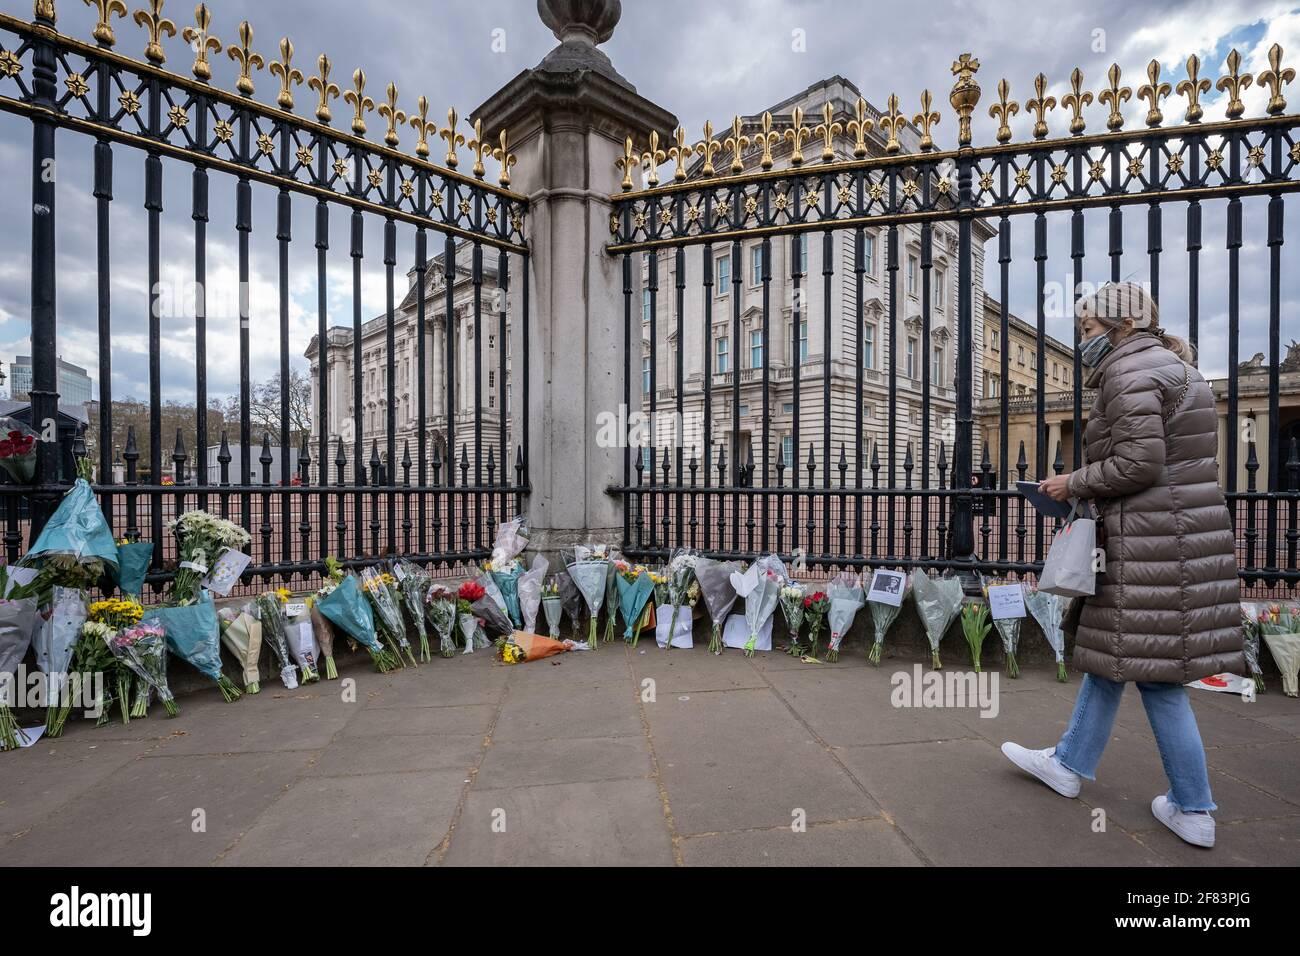 Londres, Reino Unido. 11th de abril de 2021. Muerte del Príncipe Felipe: Los lugareños y los turistas siguen llevando flores y rindiendo homenaje a las puertas del Palacio de Buckingham al difunto Duque de Edimburgo, que murió el viernes a los 99 años. Crédito: Guy Corbishley/Alamy Live News Foto de stock